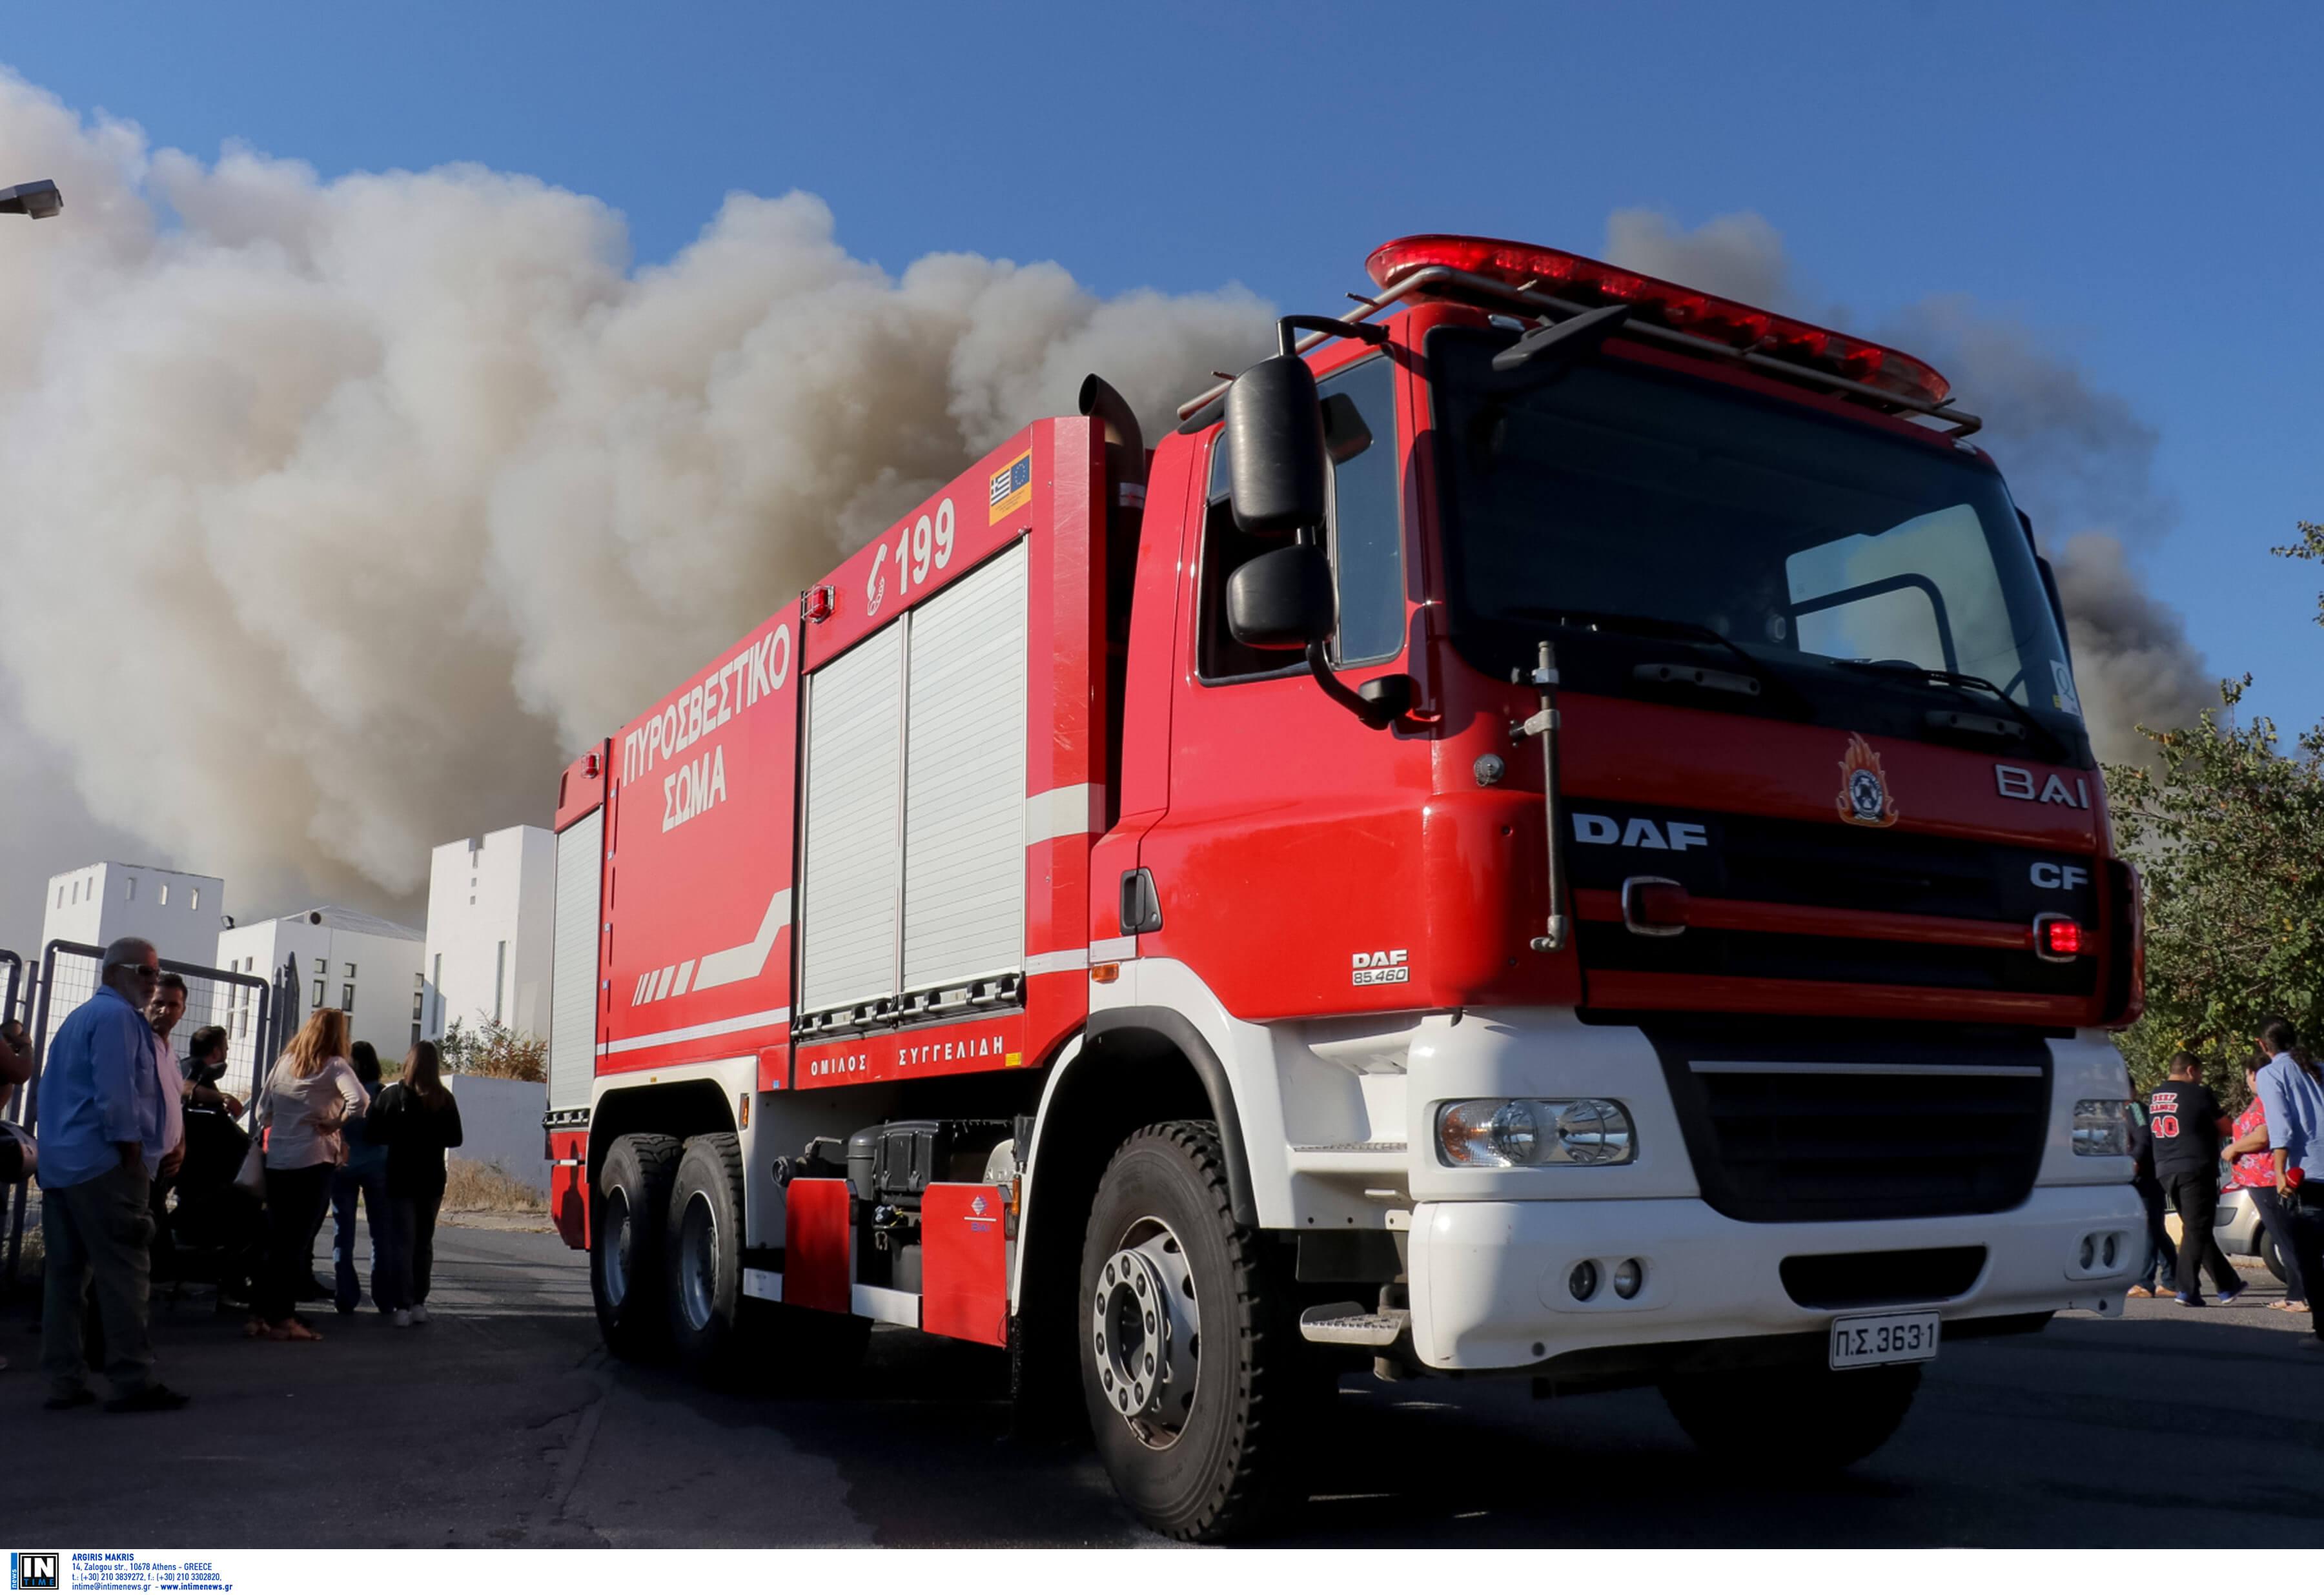 Μαραθώνας: Φωτιά τα ξημερώματα σε δασική περιοχή